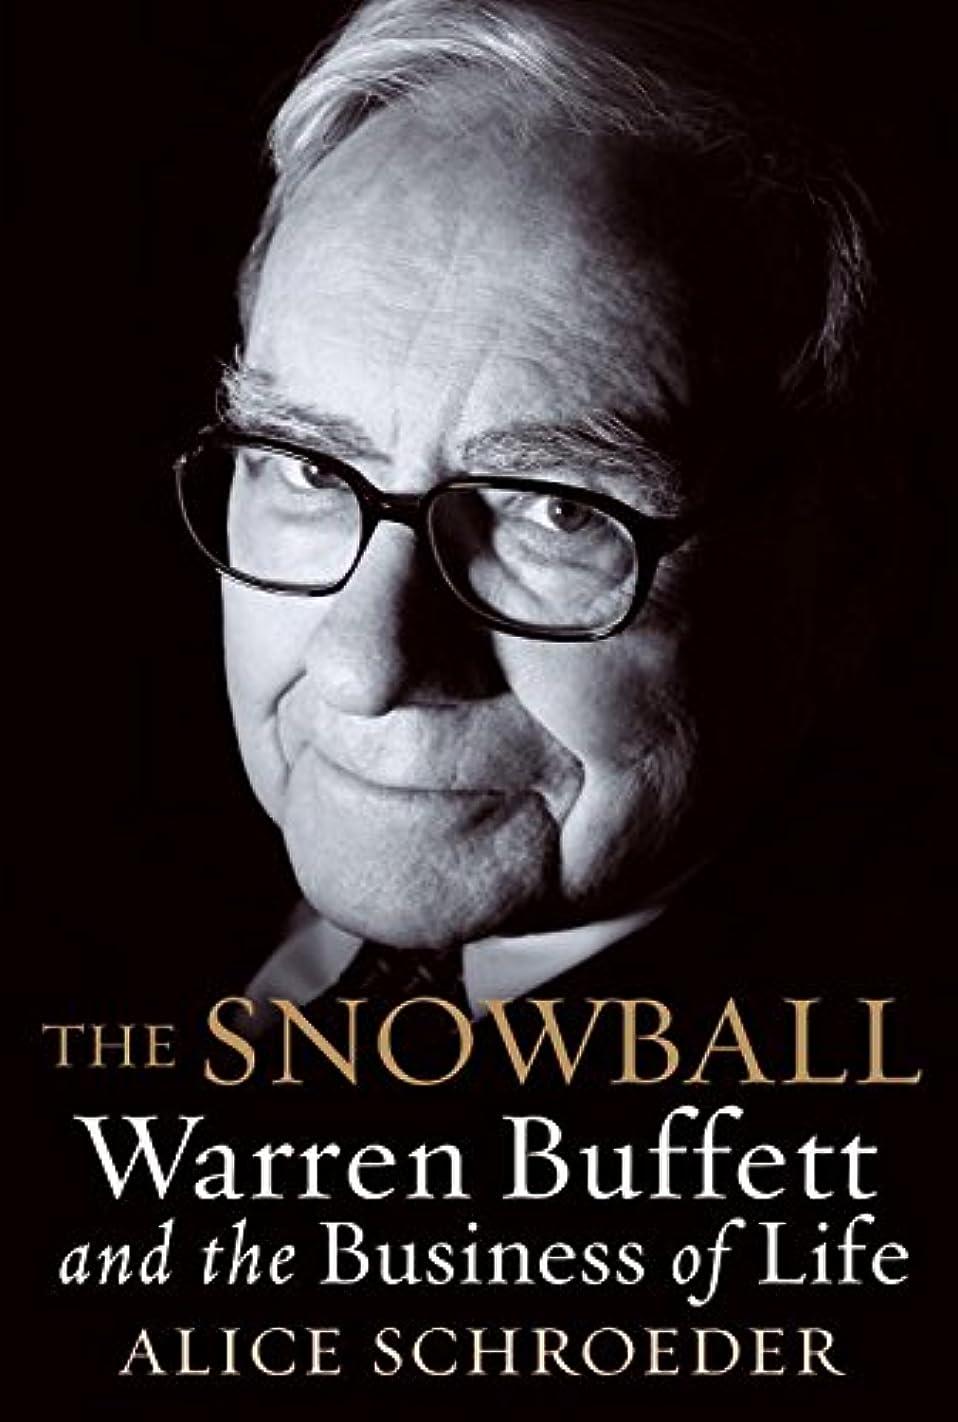 啓示処理する予想外The Snowball: Warren Buffett and the Business of Life (English Edition)